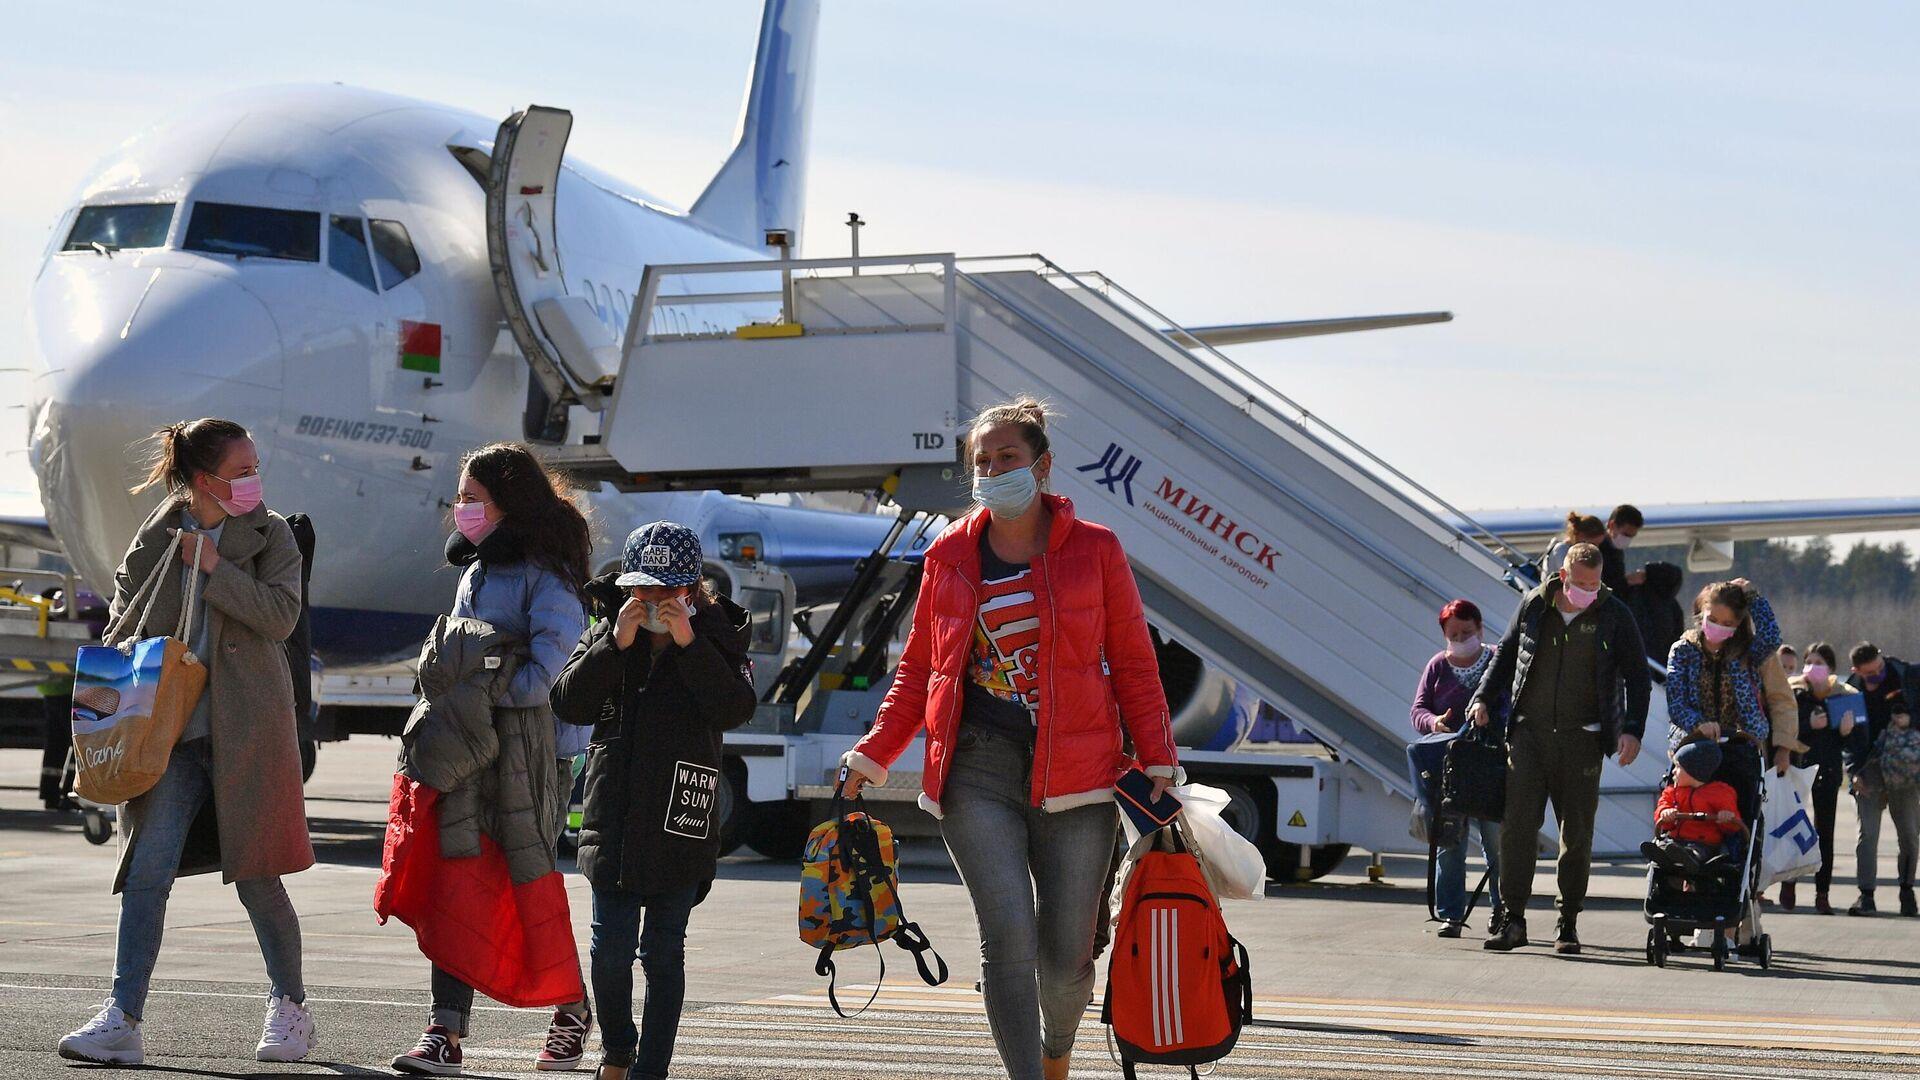 Пассажиры выходят из самолета авиакомпании BelAvia - РИА Новости, 1920, 30.05.2021